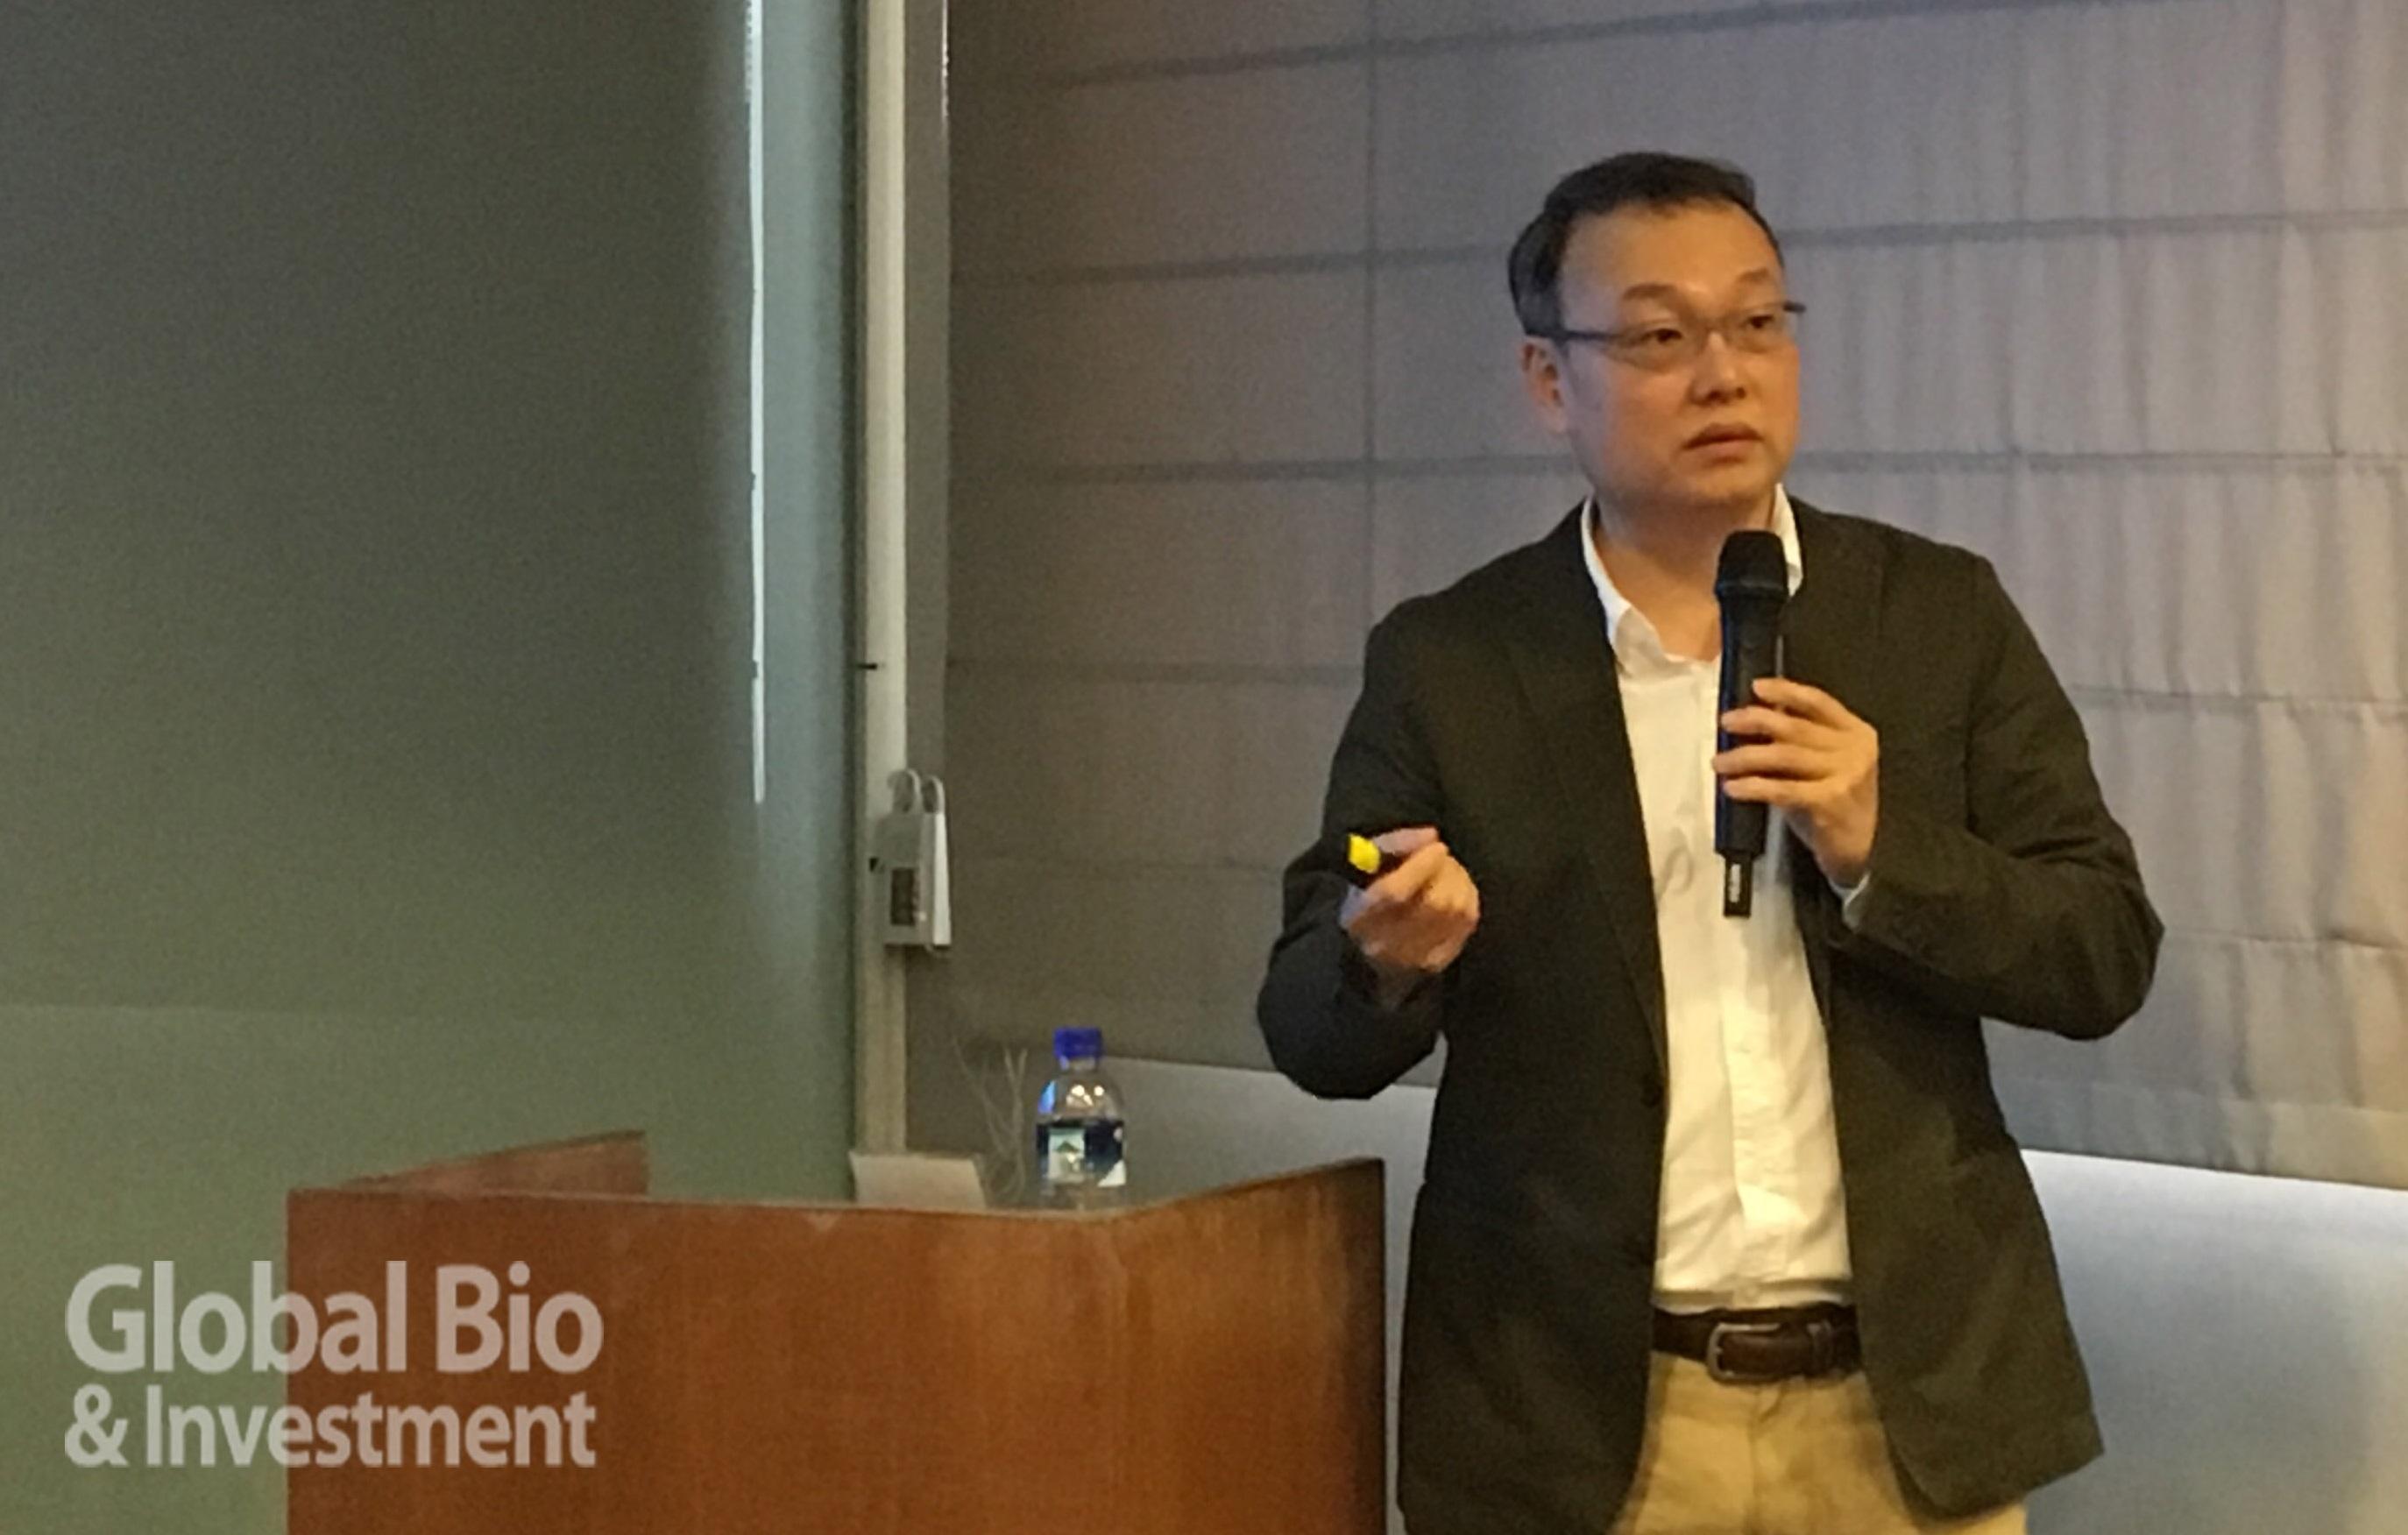 郭紘志副研究員闡釋環形RNA如何作為開關,調控多能性幹細胞。(圖/本刊資料中心)